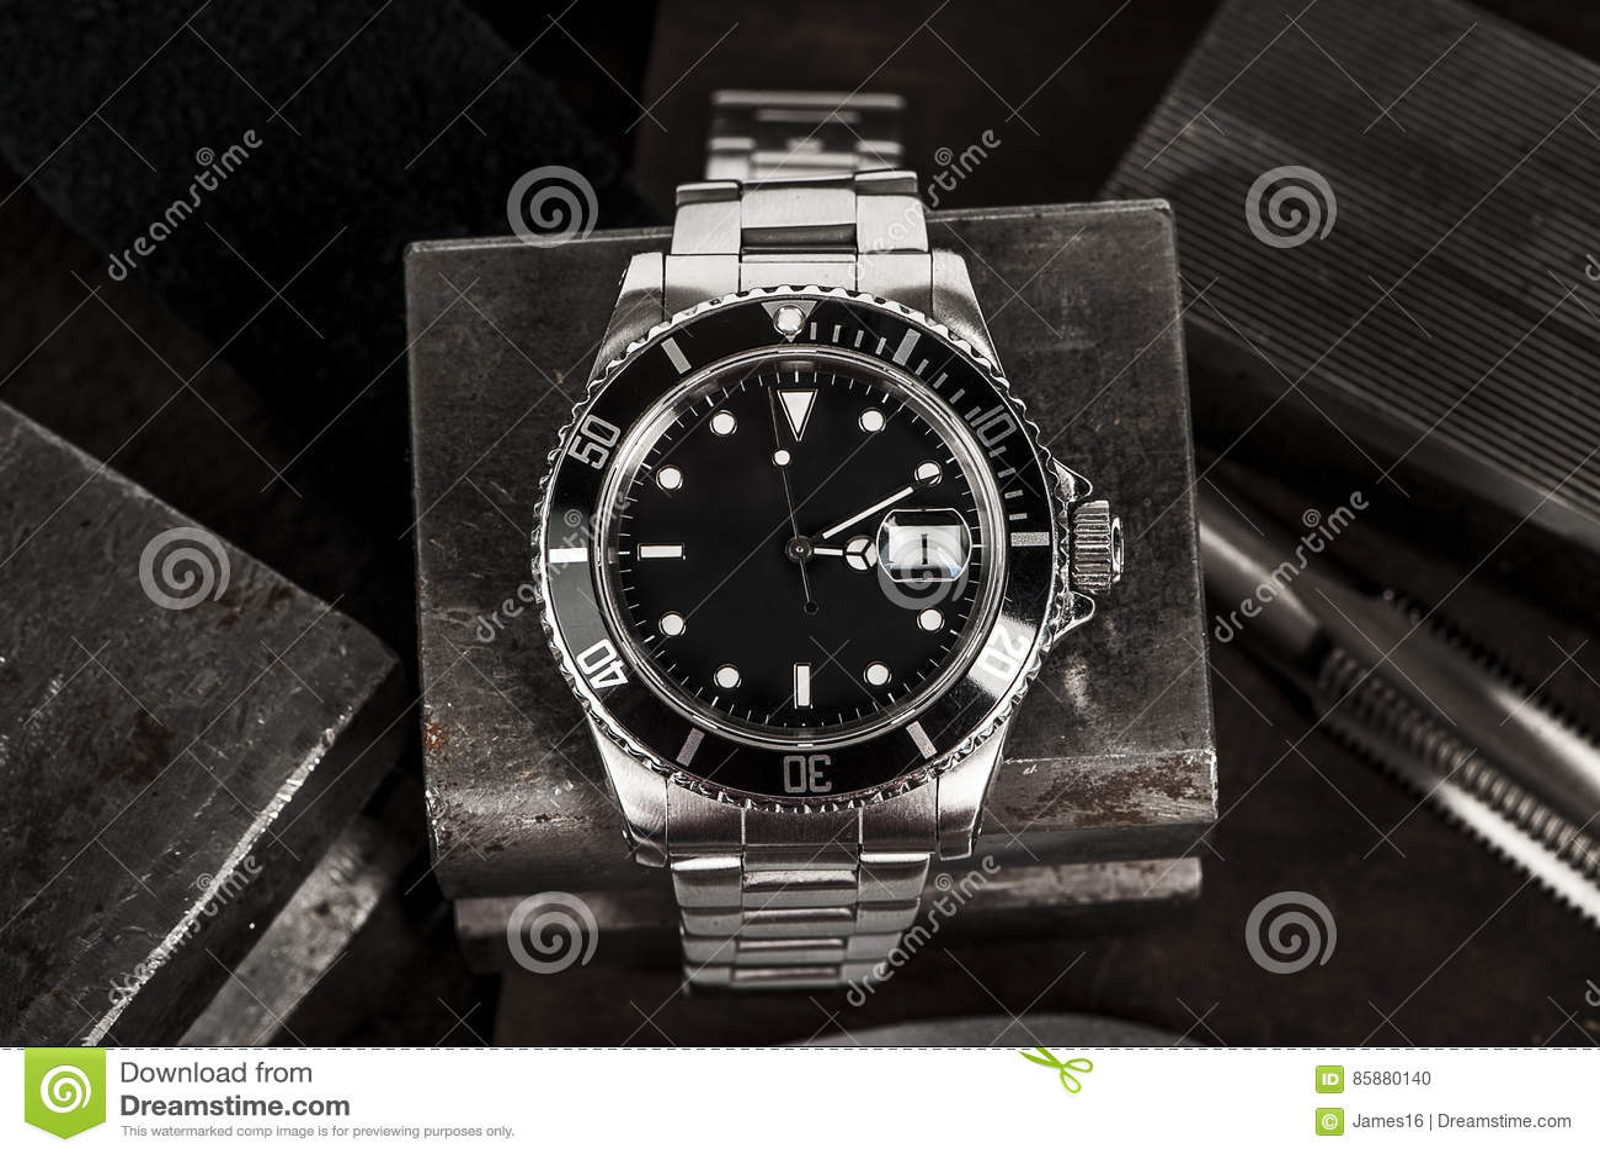 Κλείστε επάνω ενός ρολογιού της Rolex Submariner στα παλαιά εργαλεία χάλυβα a47a01a4da5